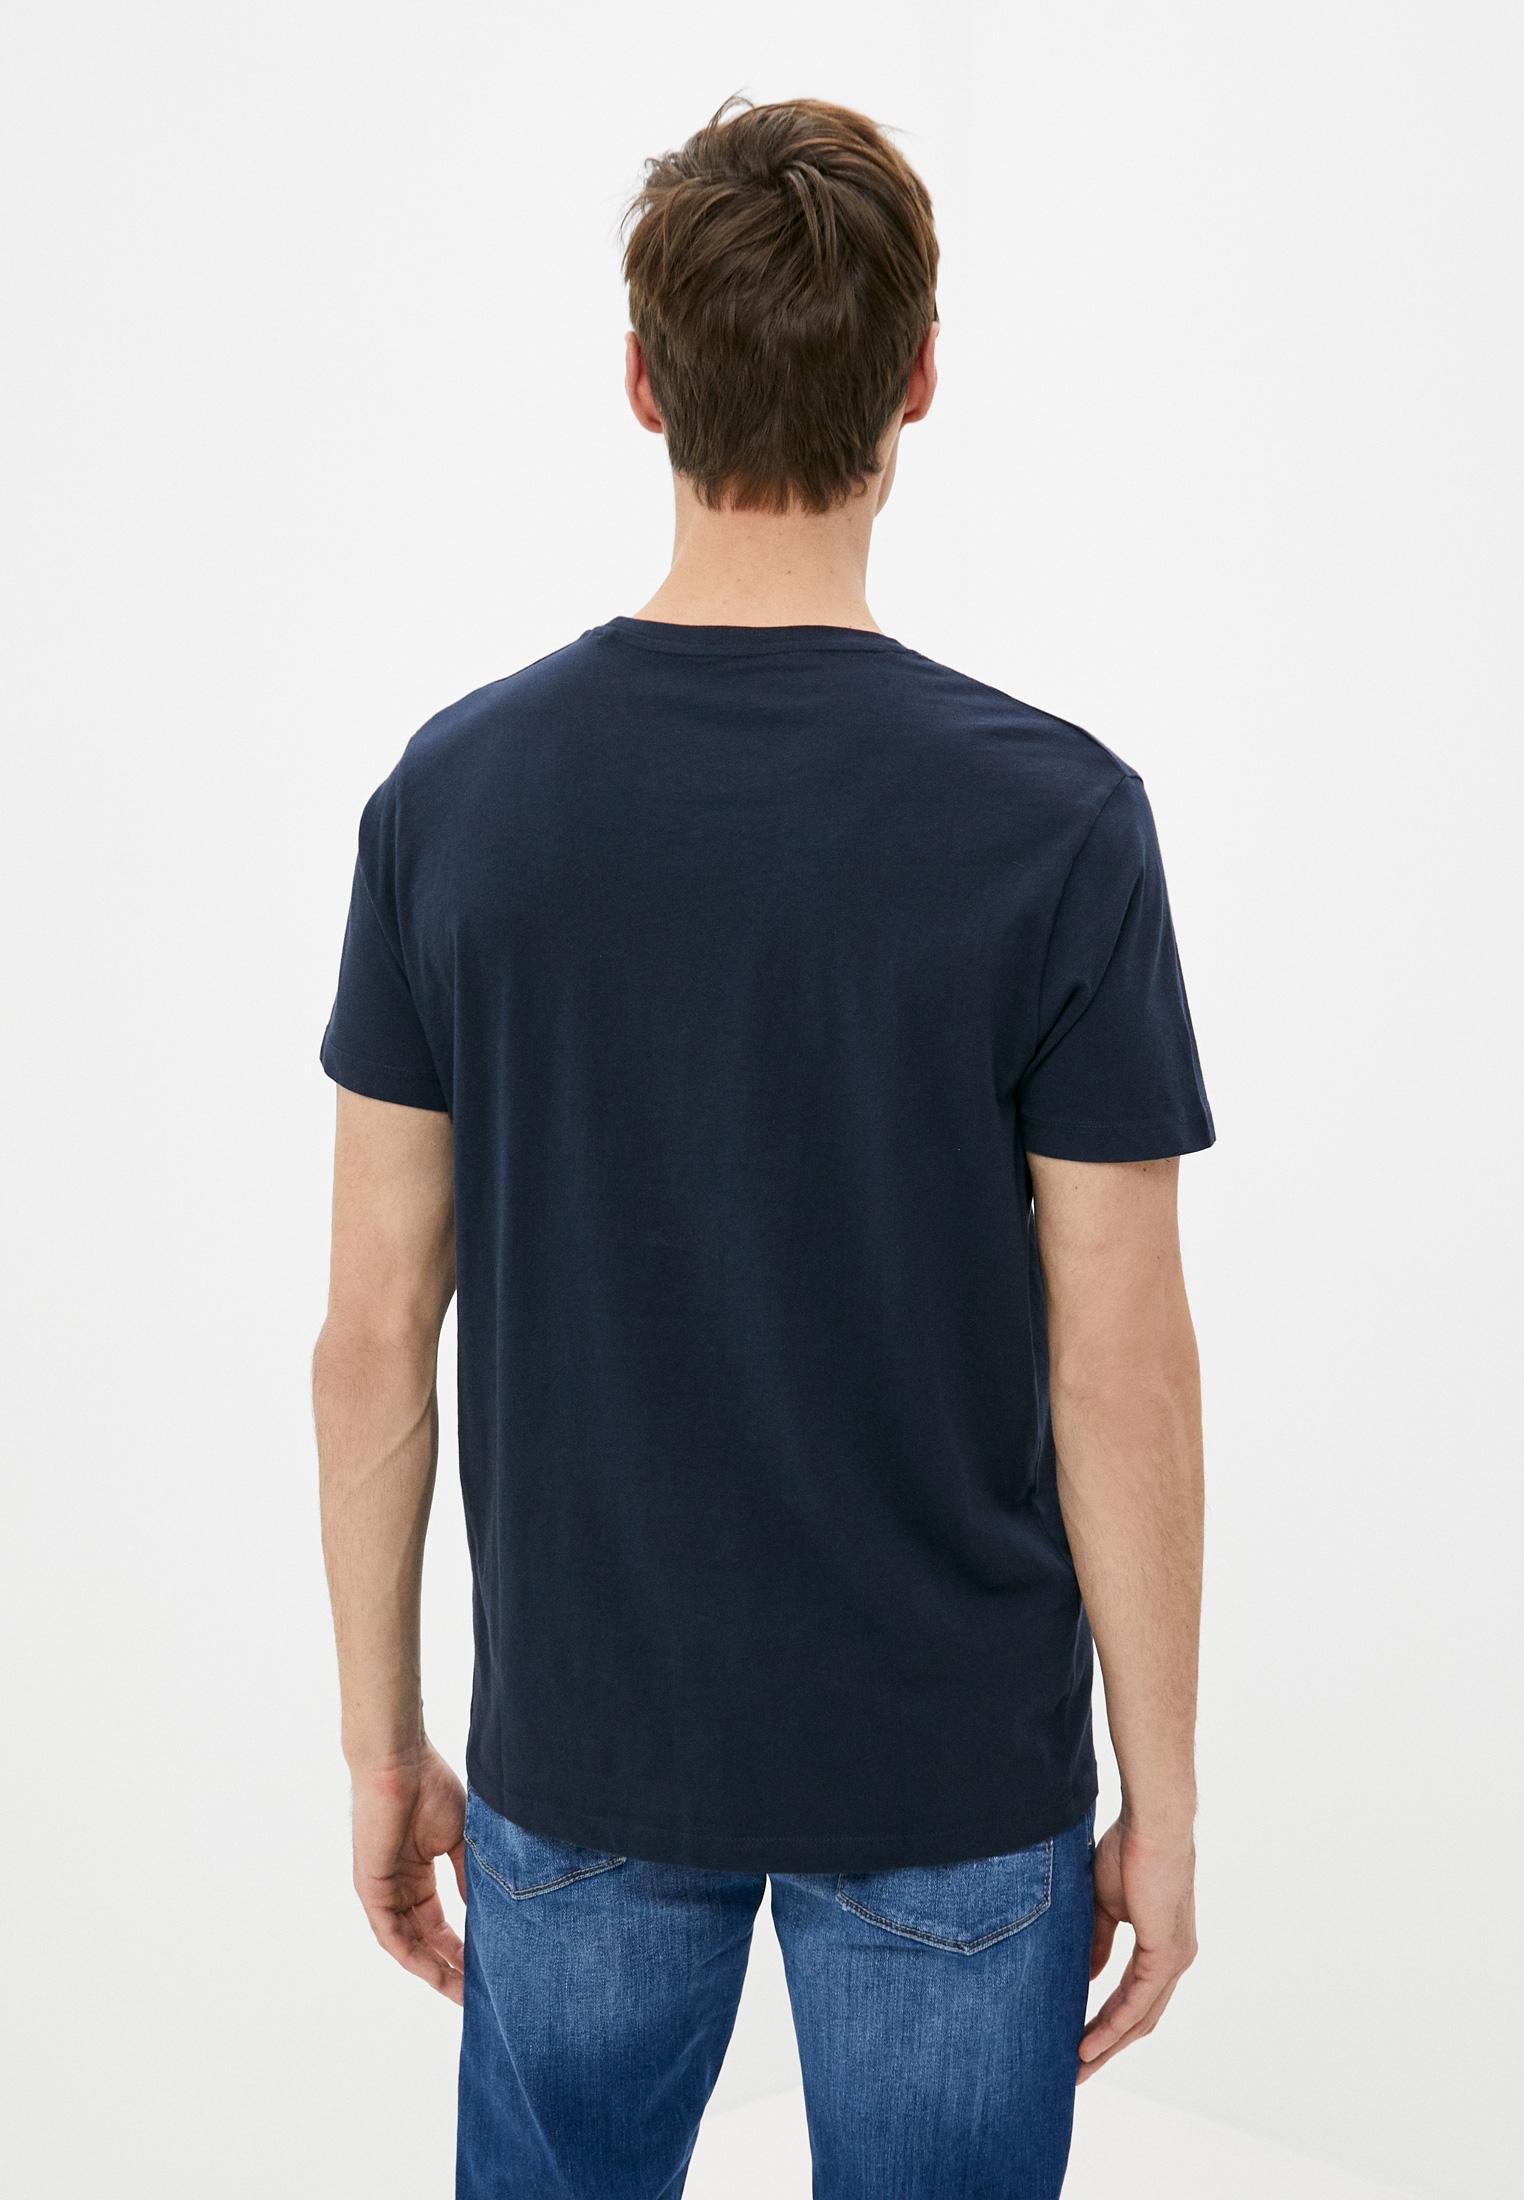 Футболка с коротким рукавом Pepe Jeans (Пепе Джинс) PM507730: изображение 2